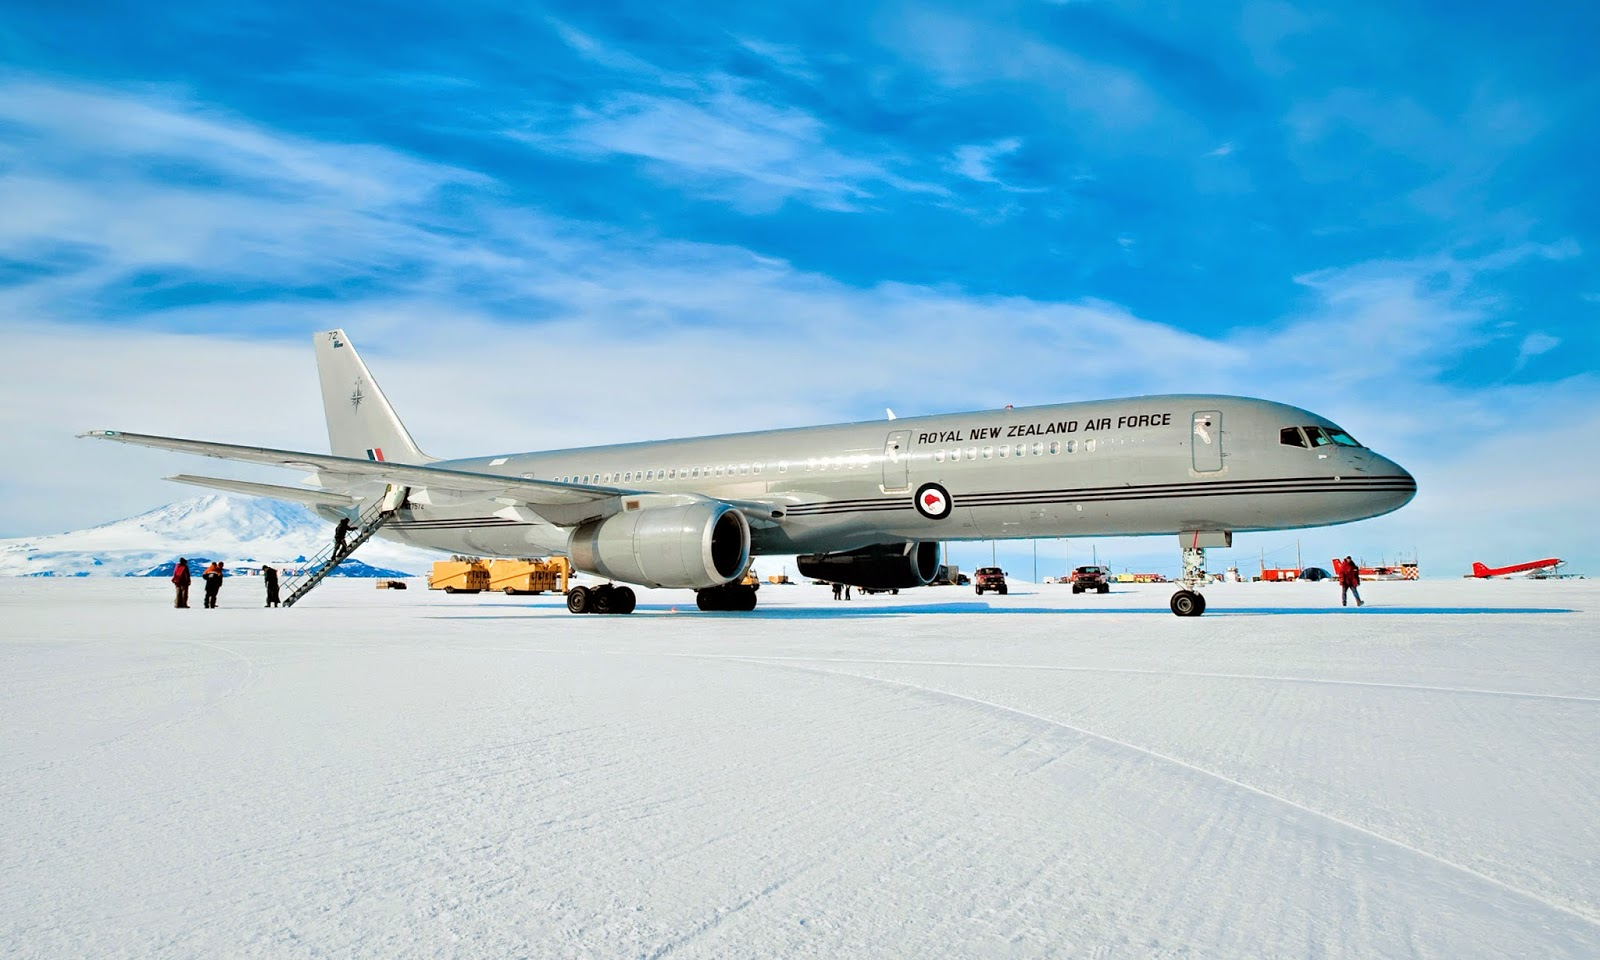 Аэропорт Поля Пегаса в Антарктиде Самолёт новозеландских ВВС